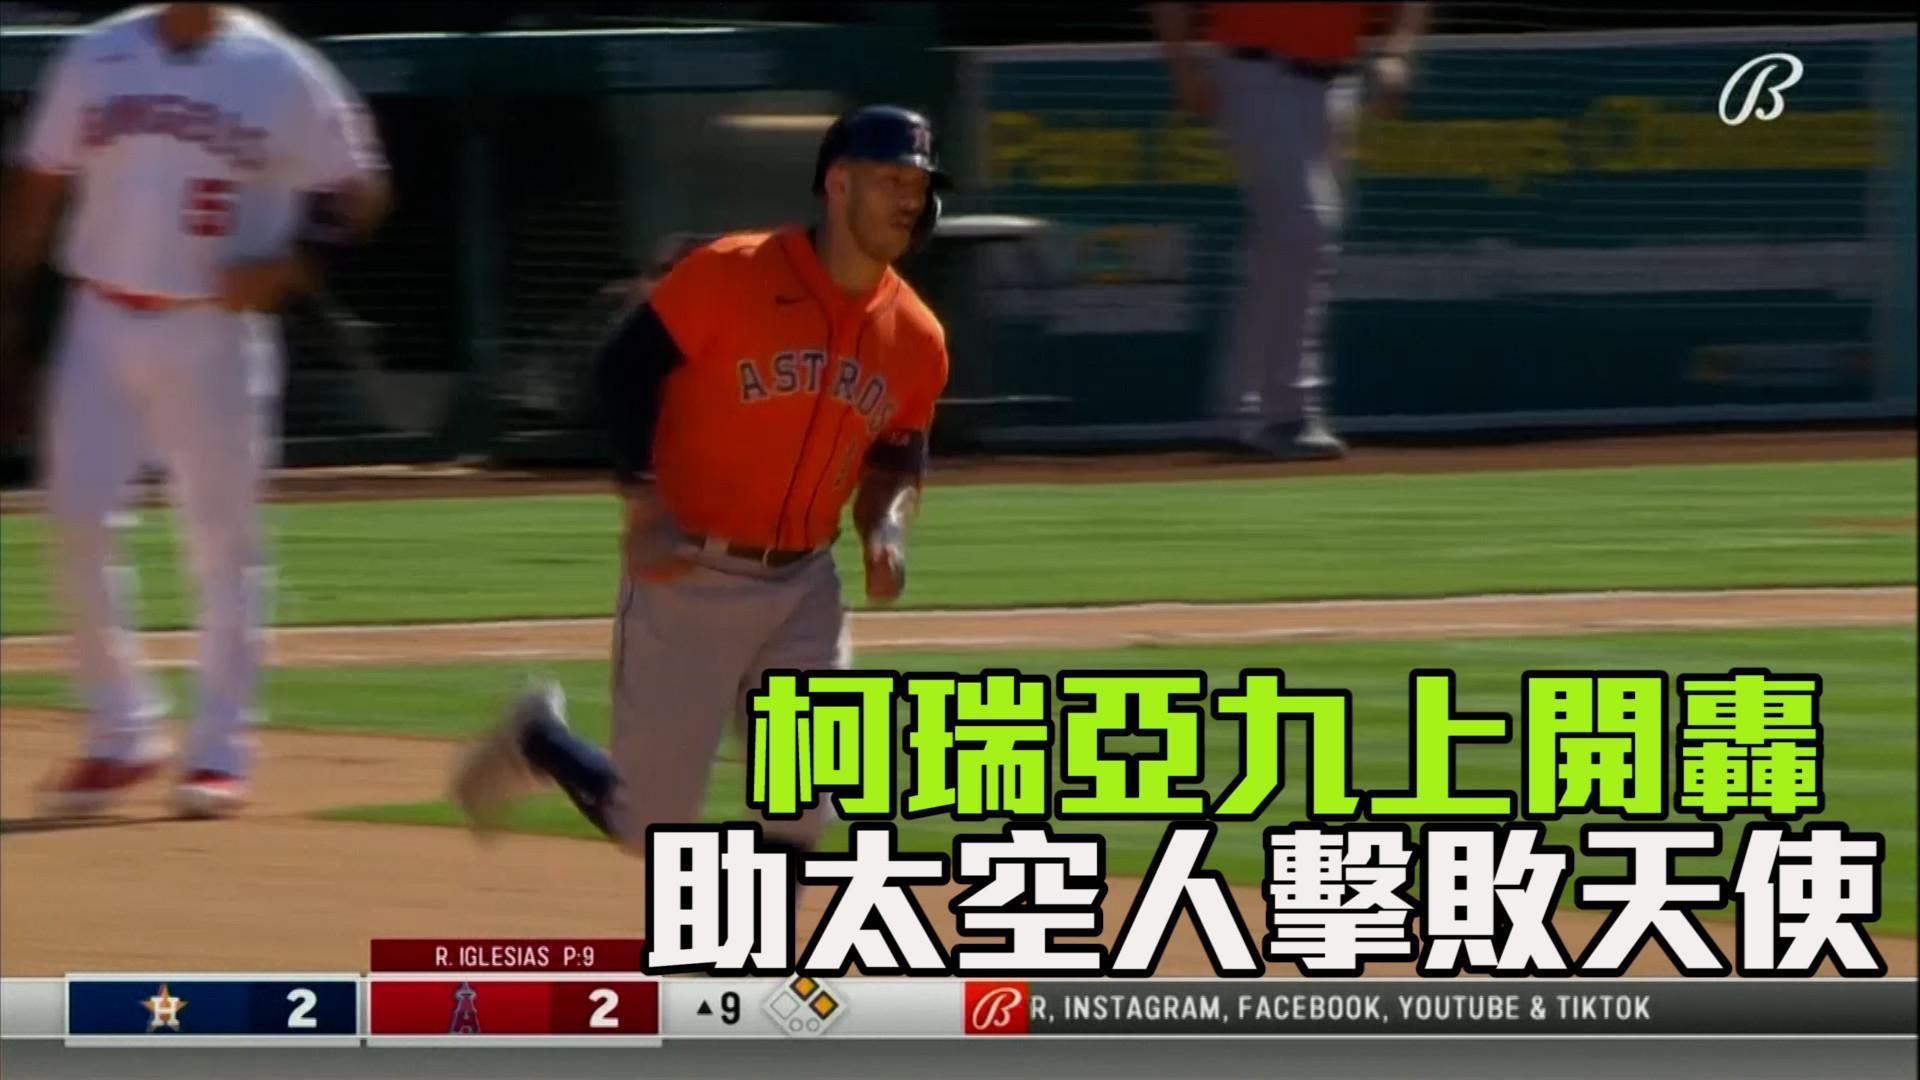 【MLB看愛爾達】柯瑞亞九上開轟 助太空人擊敗天使 04/07